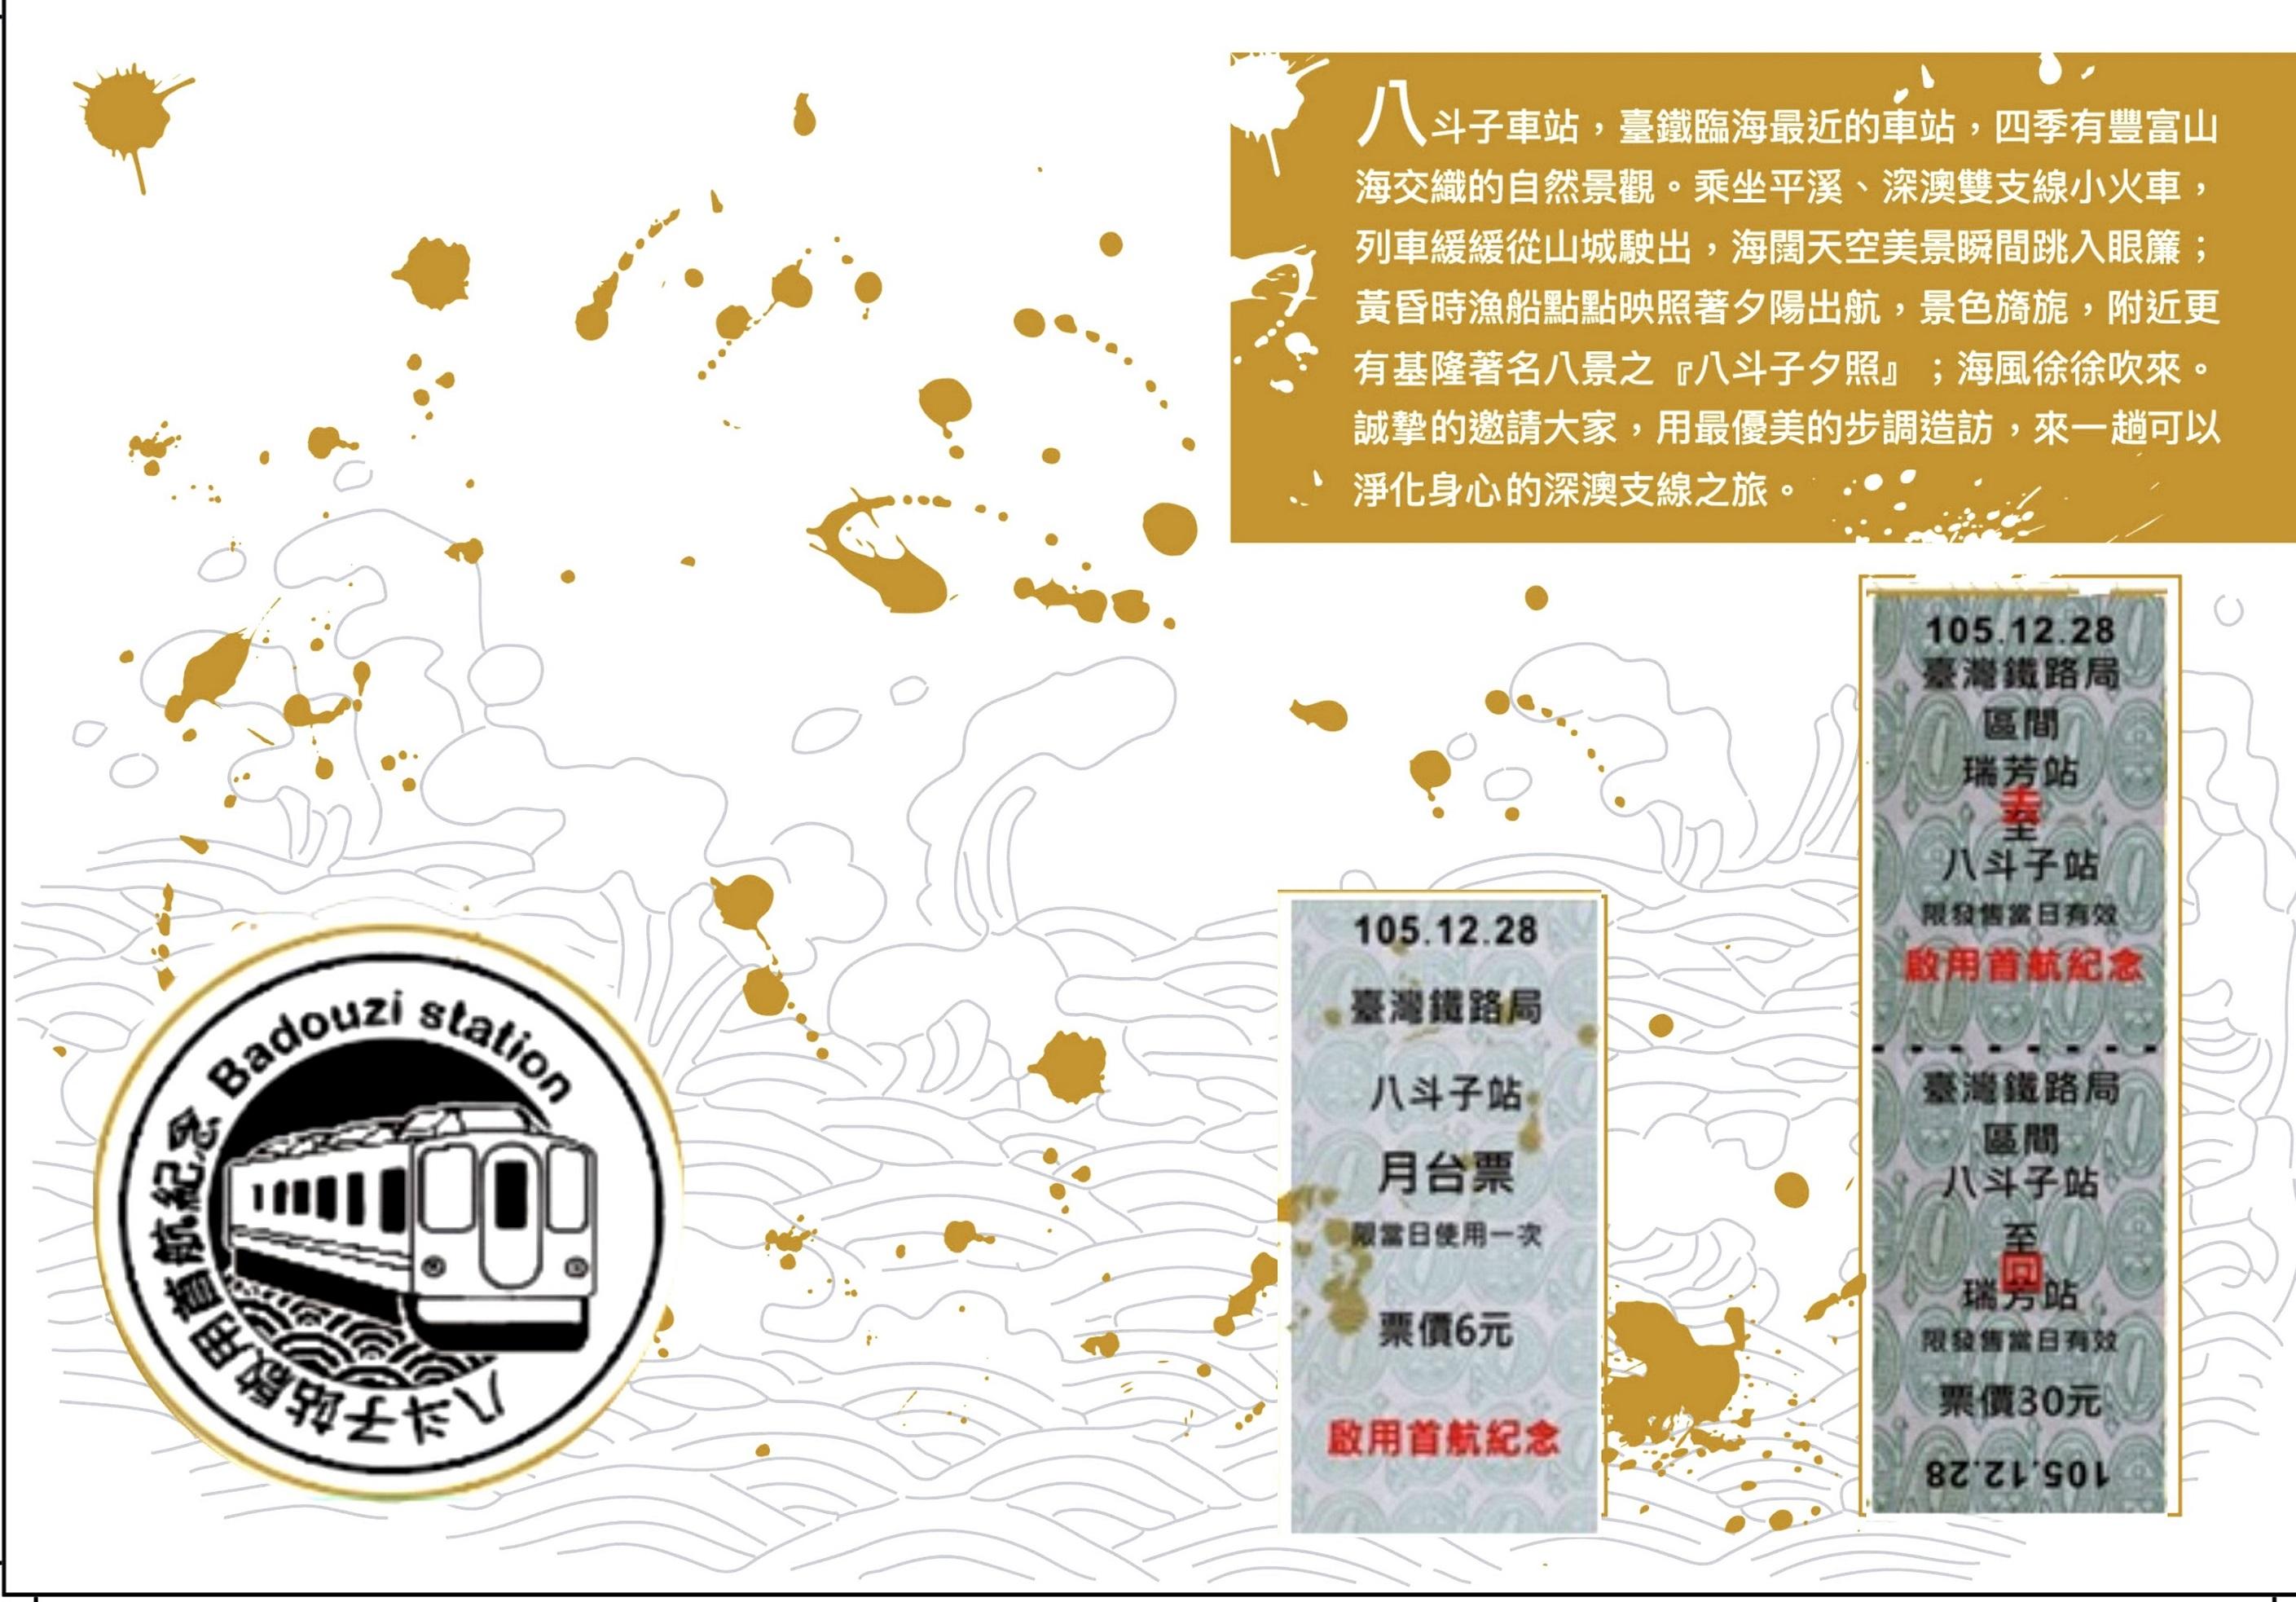 台北瑞芳区间车线路图